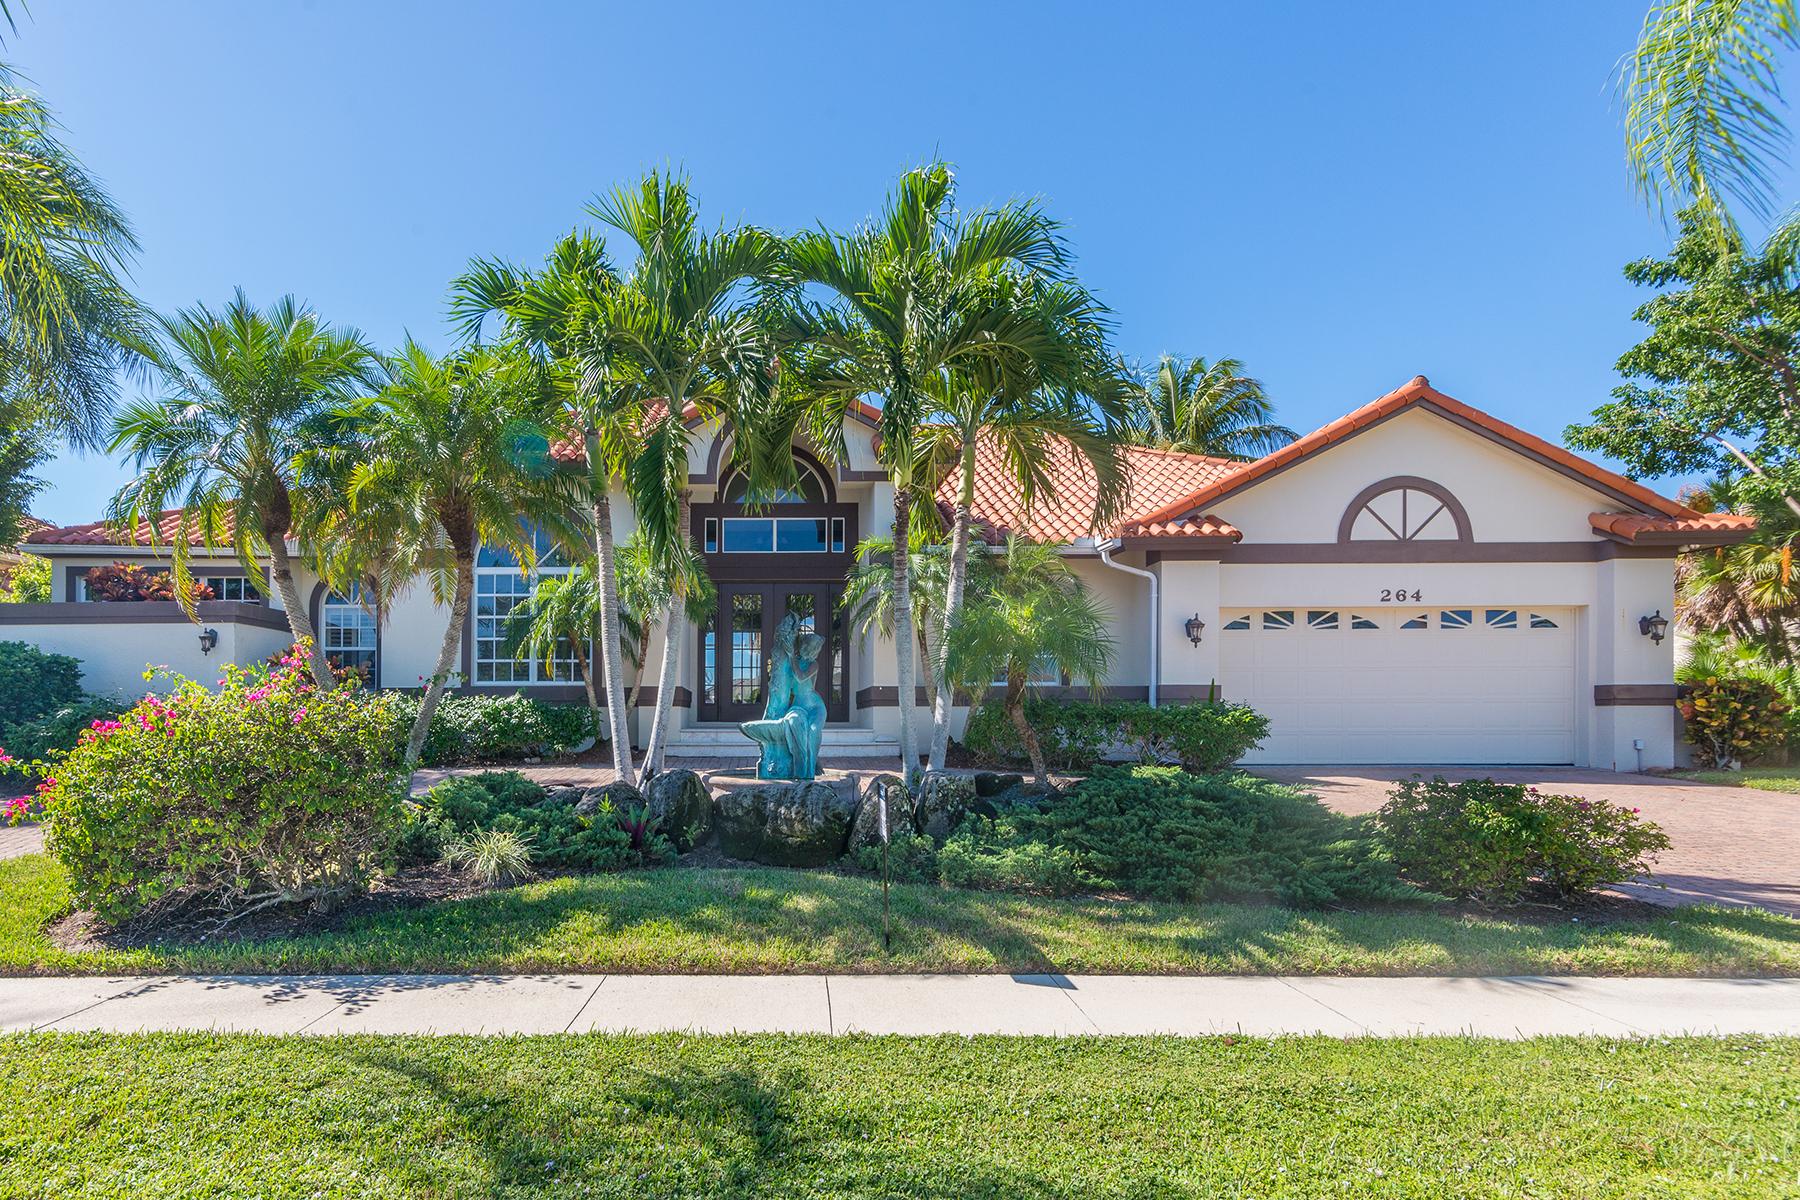 獨棟家庭住宅 為 出售 在 MARCO ISLAND - ROCKHILL COURT 264 Rockhill Ct Marco Island, 佛羅里達州 34145 美國